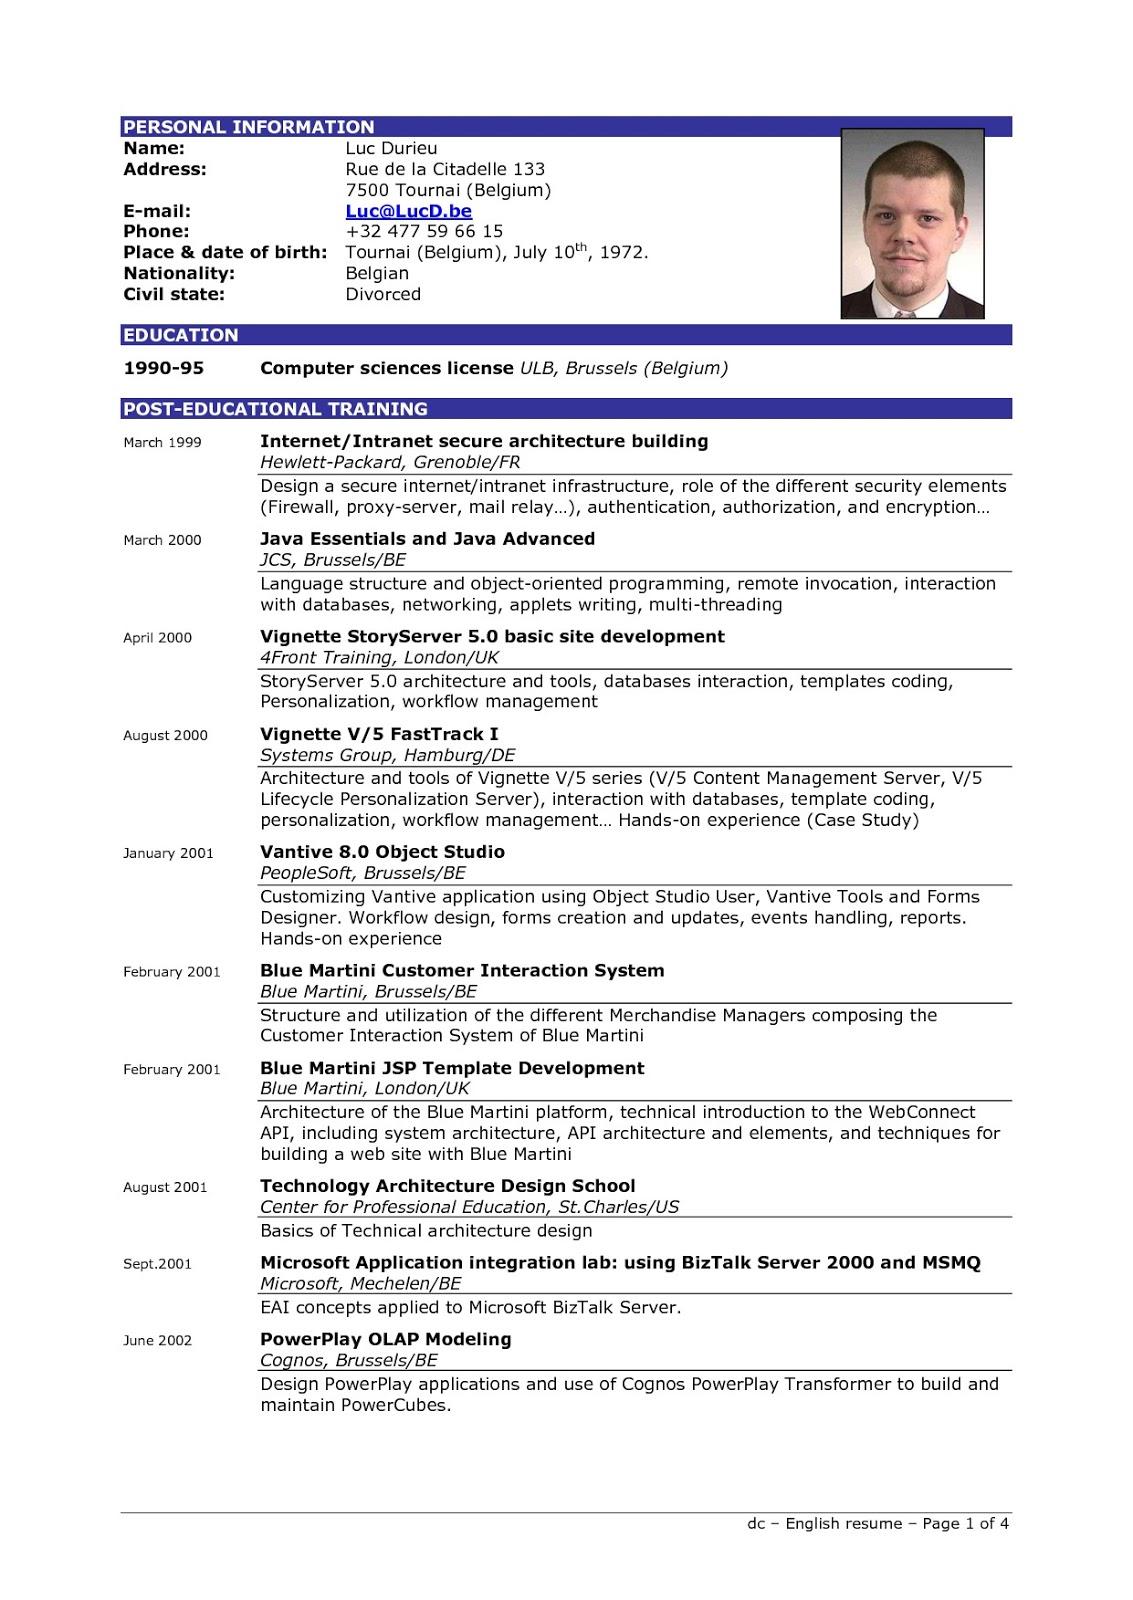 Best Resume Template Word 2012